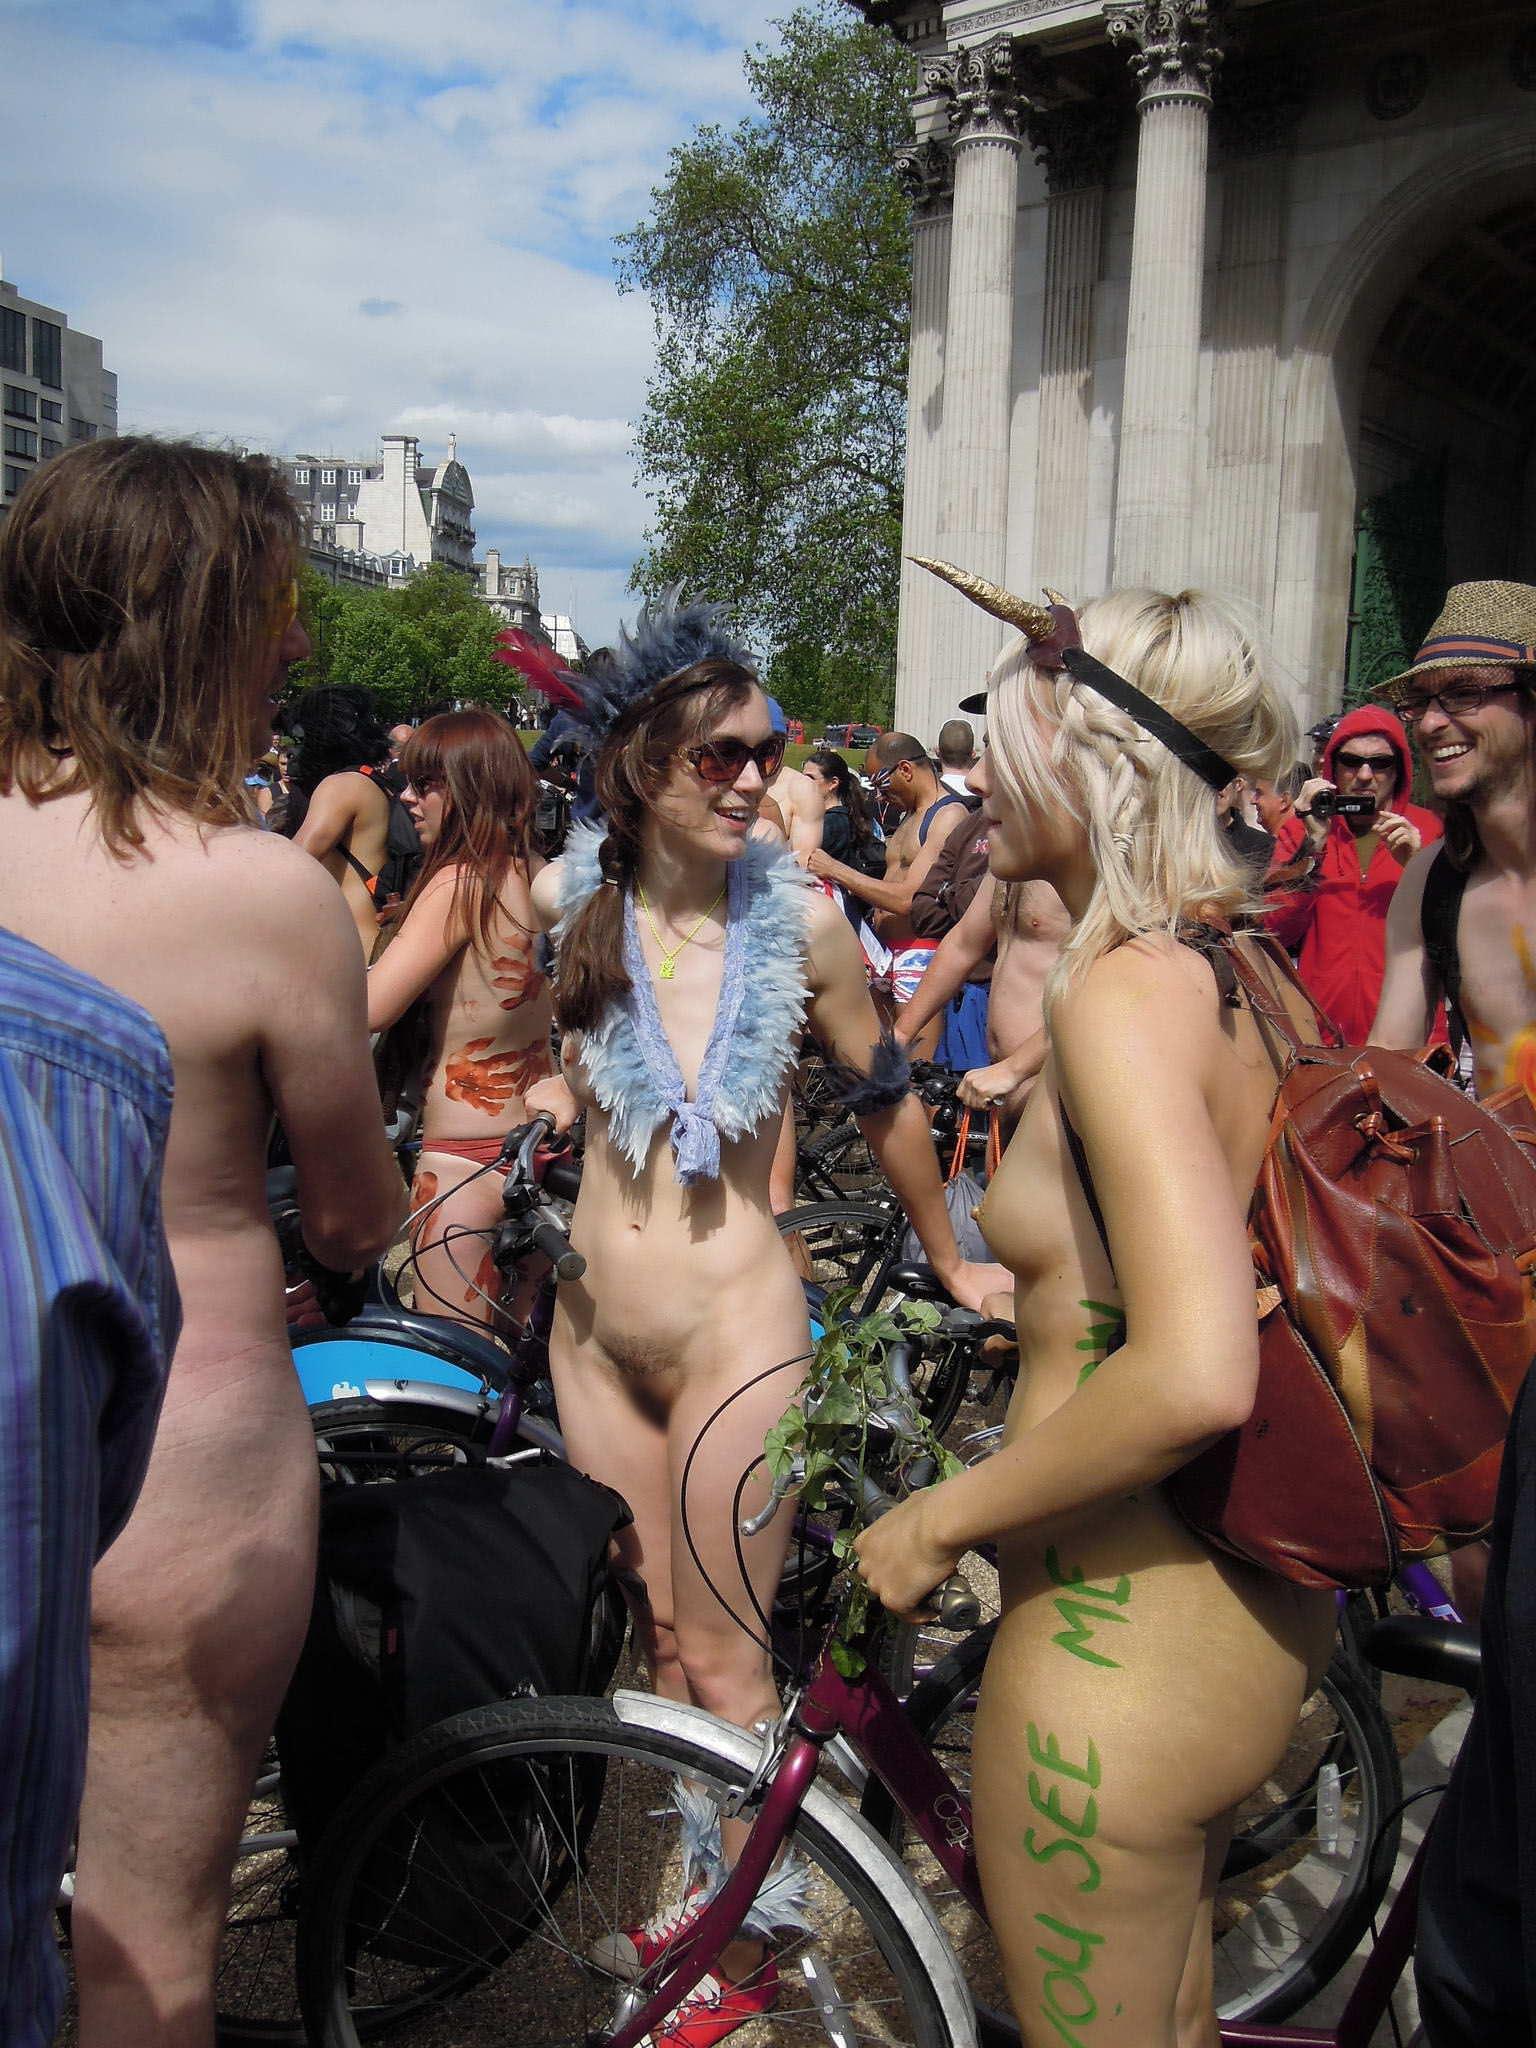 【外人】みんな当たり前のように裸で外をうろつく露出お祭りのポルノ画像 23145